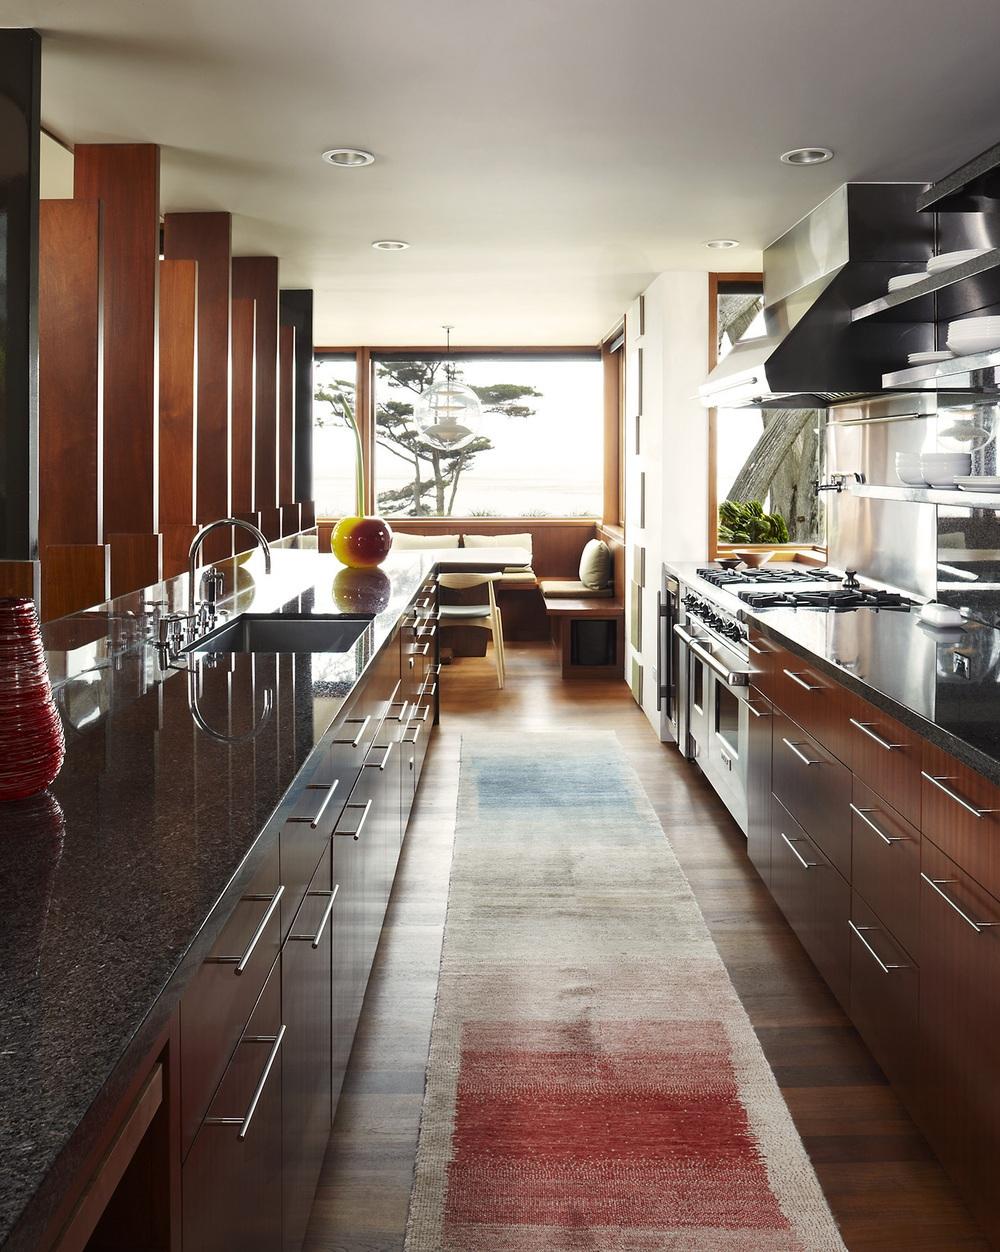 Innenraum eines kleinen Küchenwohnzimmers in einem Holzhaus. Essen ...